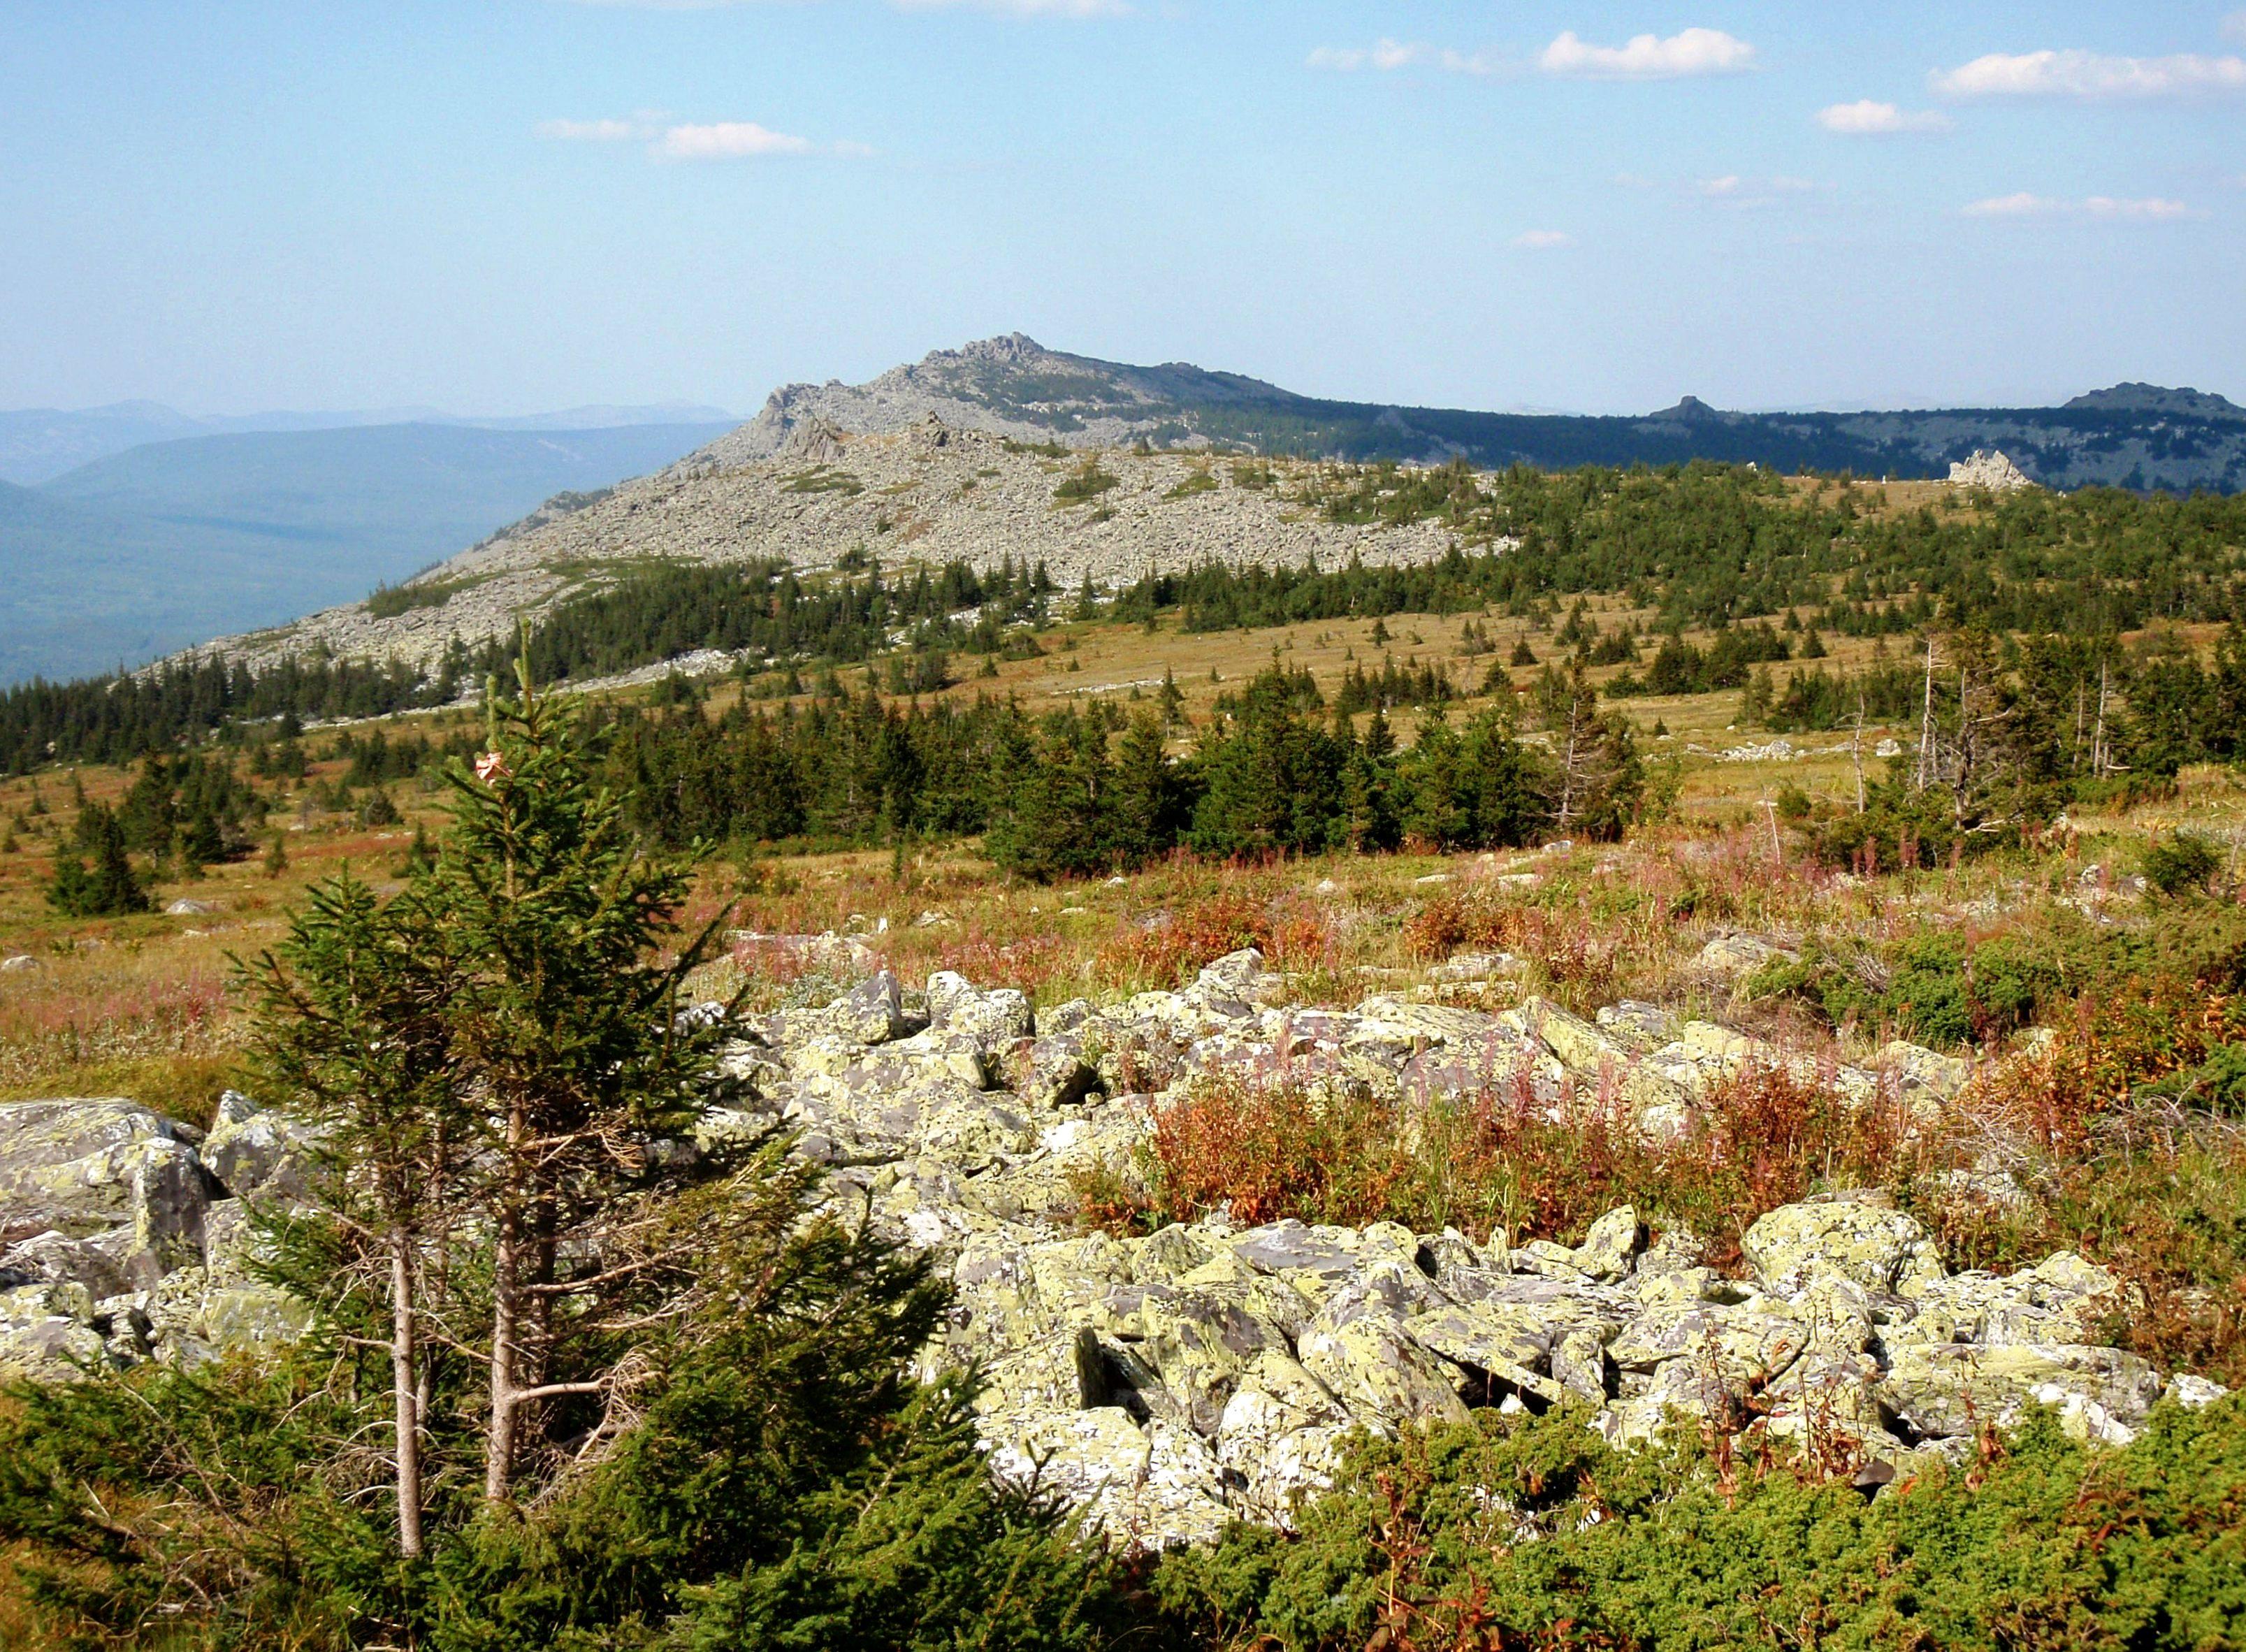 хребты уральских гор в башкирии фото лумпова, фото